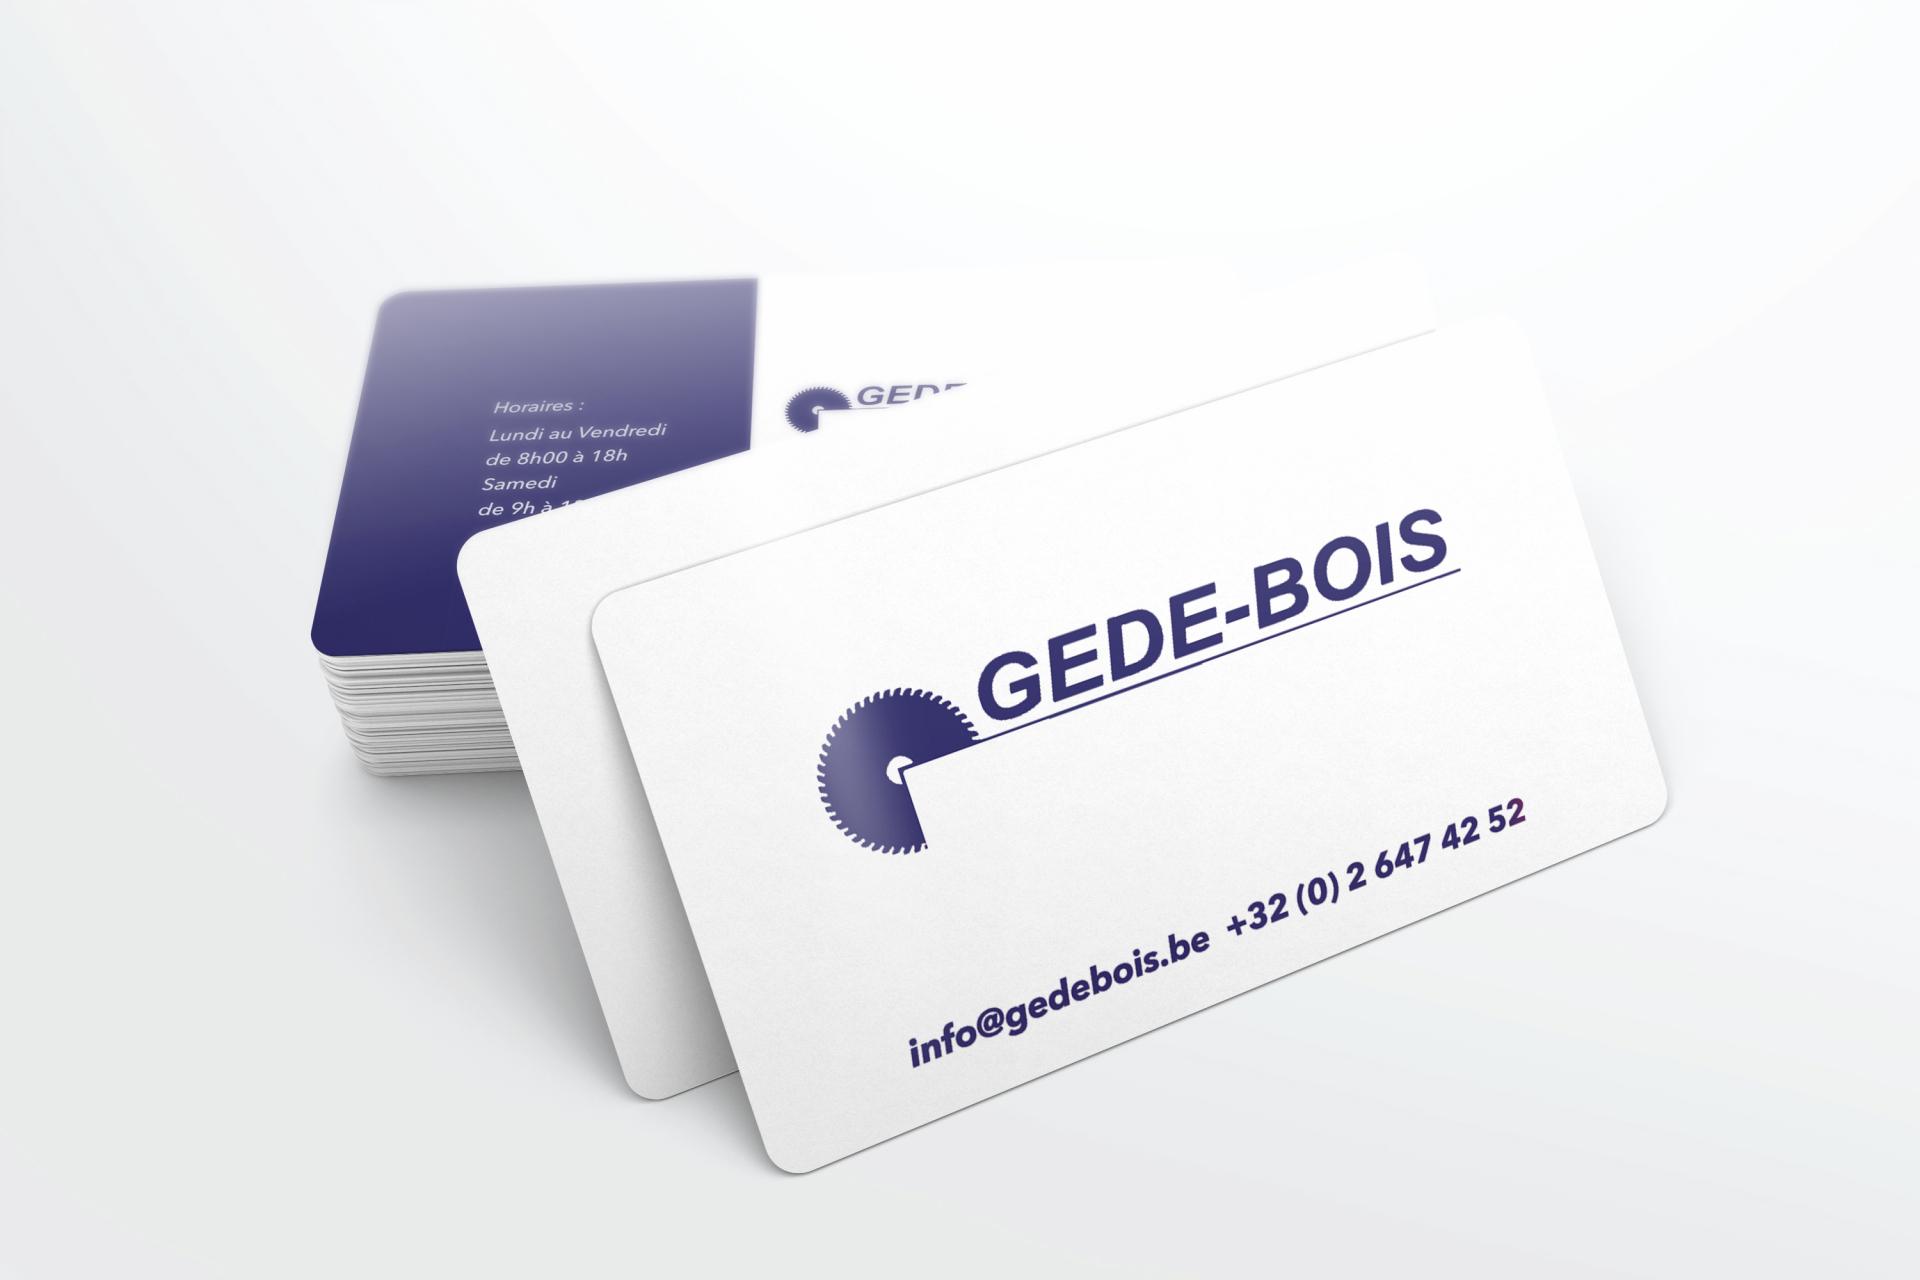 gedebois_buisness-card